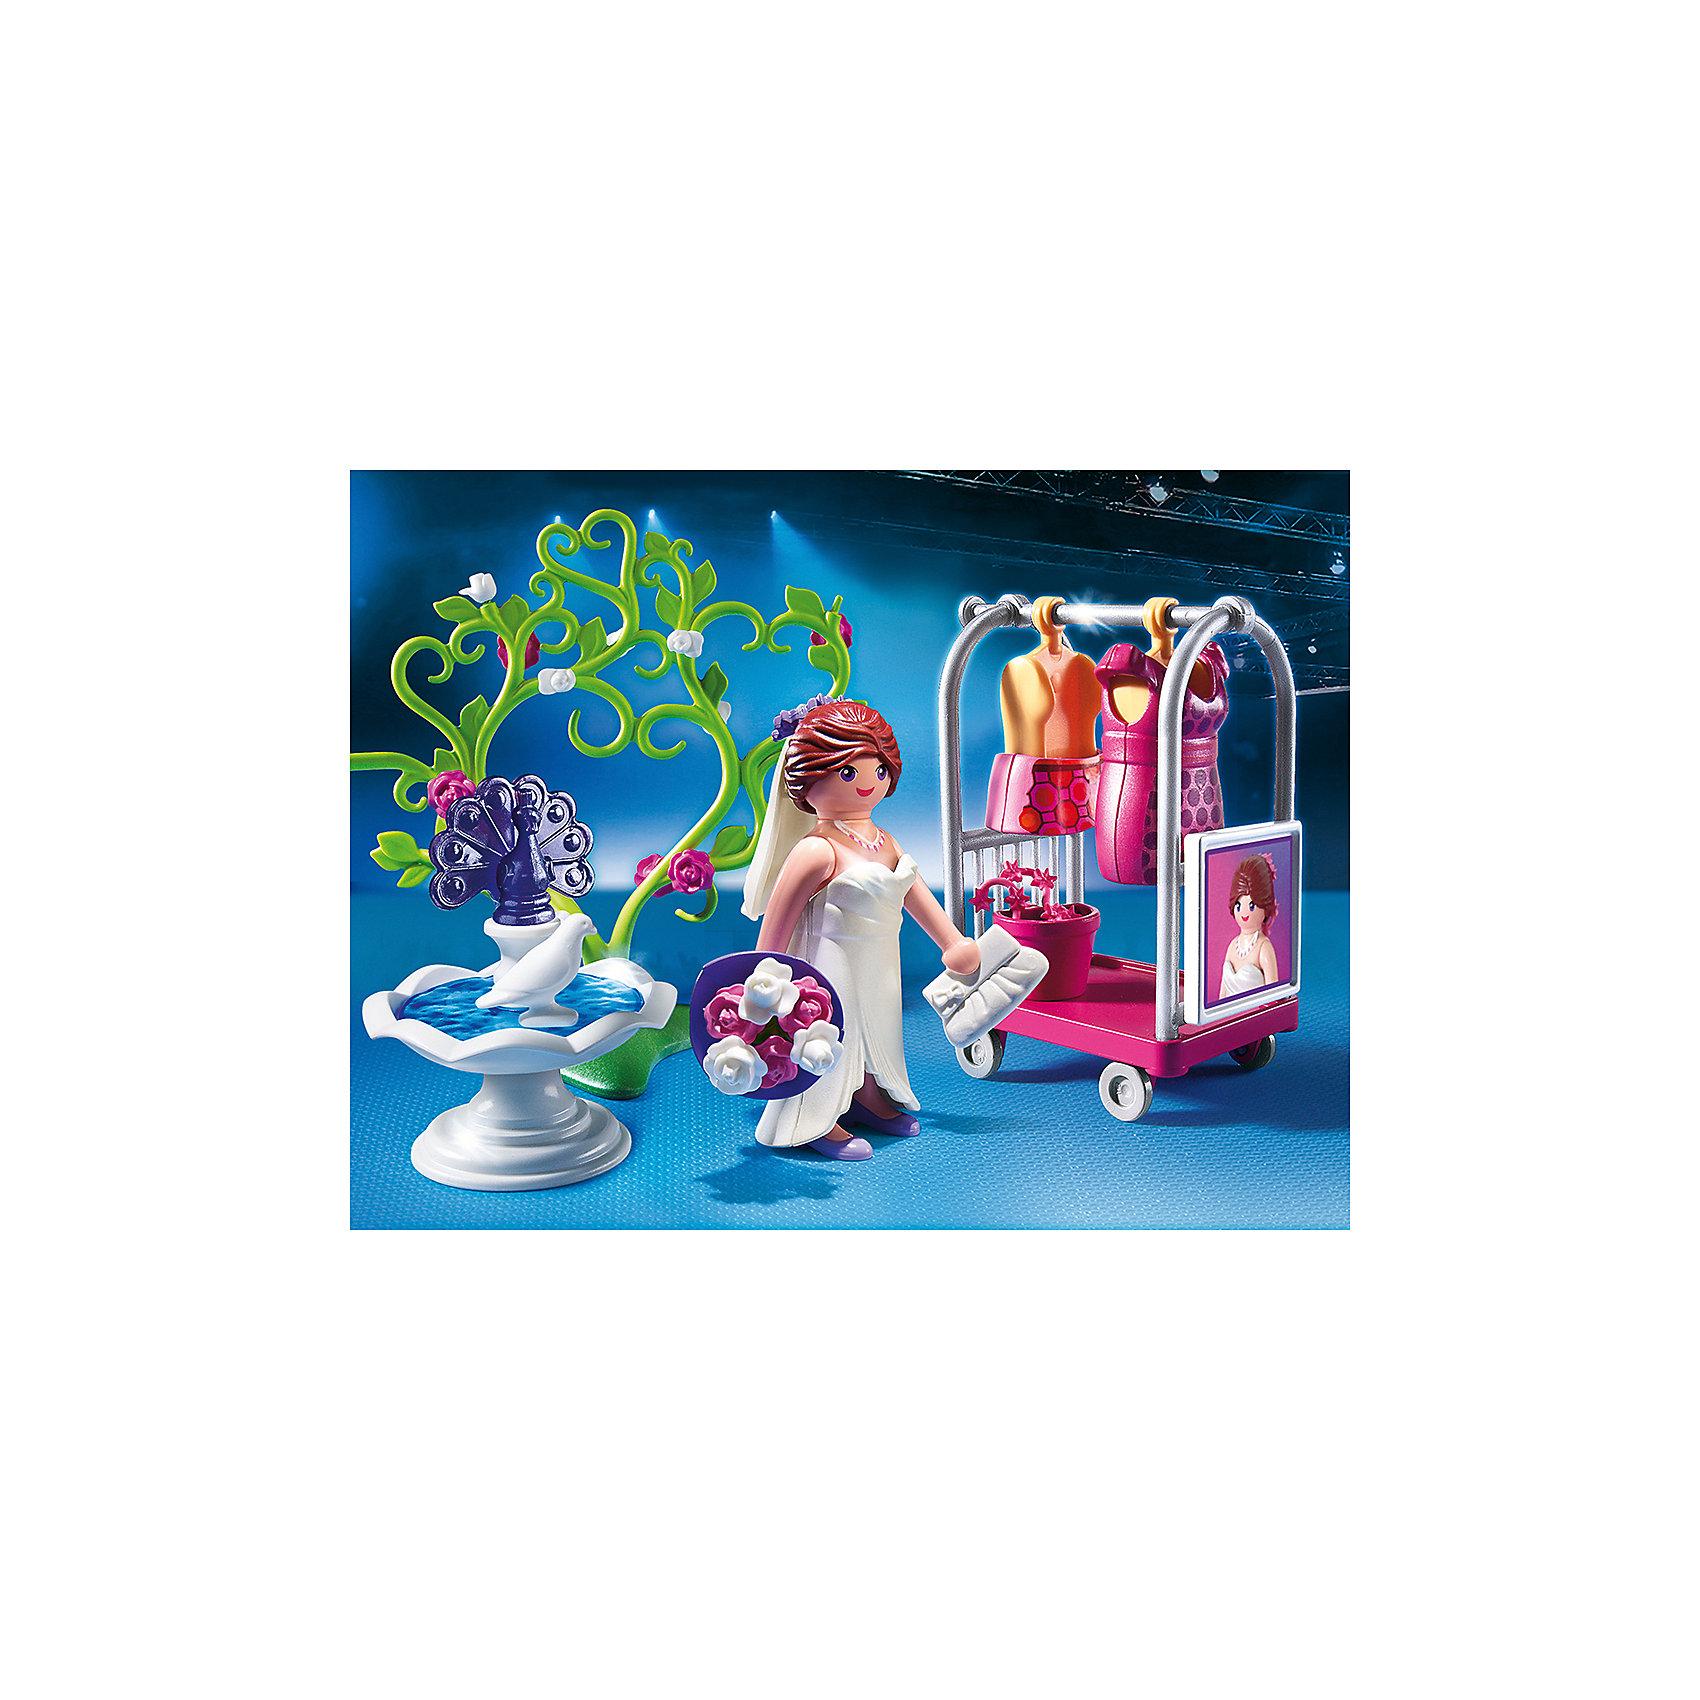 PLAYMOBIL® Фэшн и Стиль: Свадебная фотосессия, PLAYMOBIL playmobil® зоопарк стая фламинго playmobil